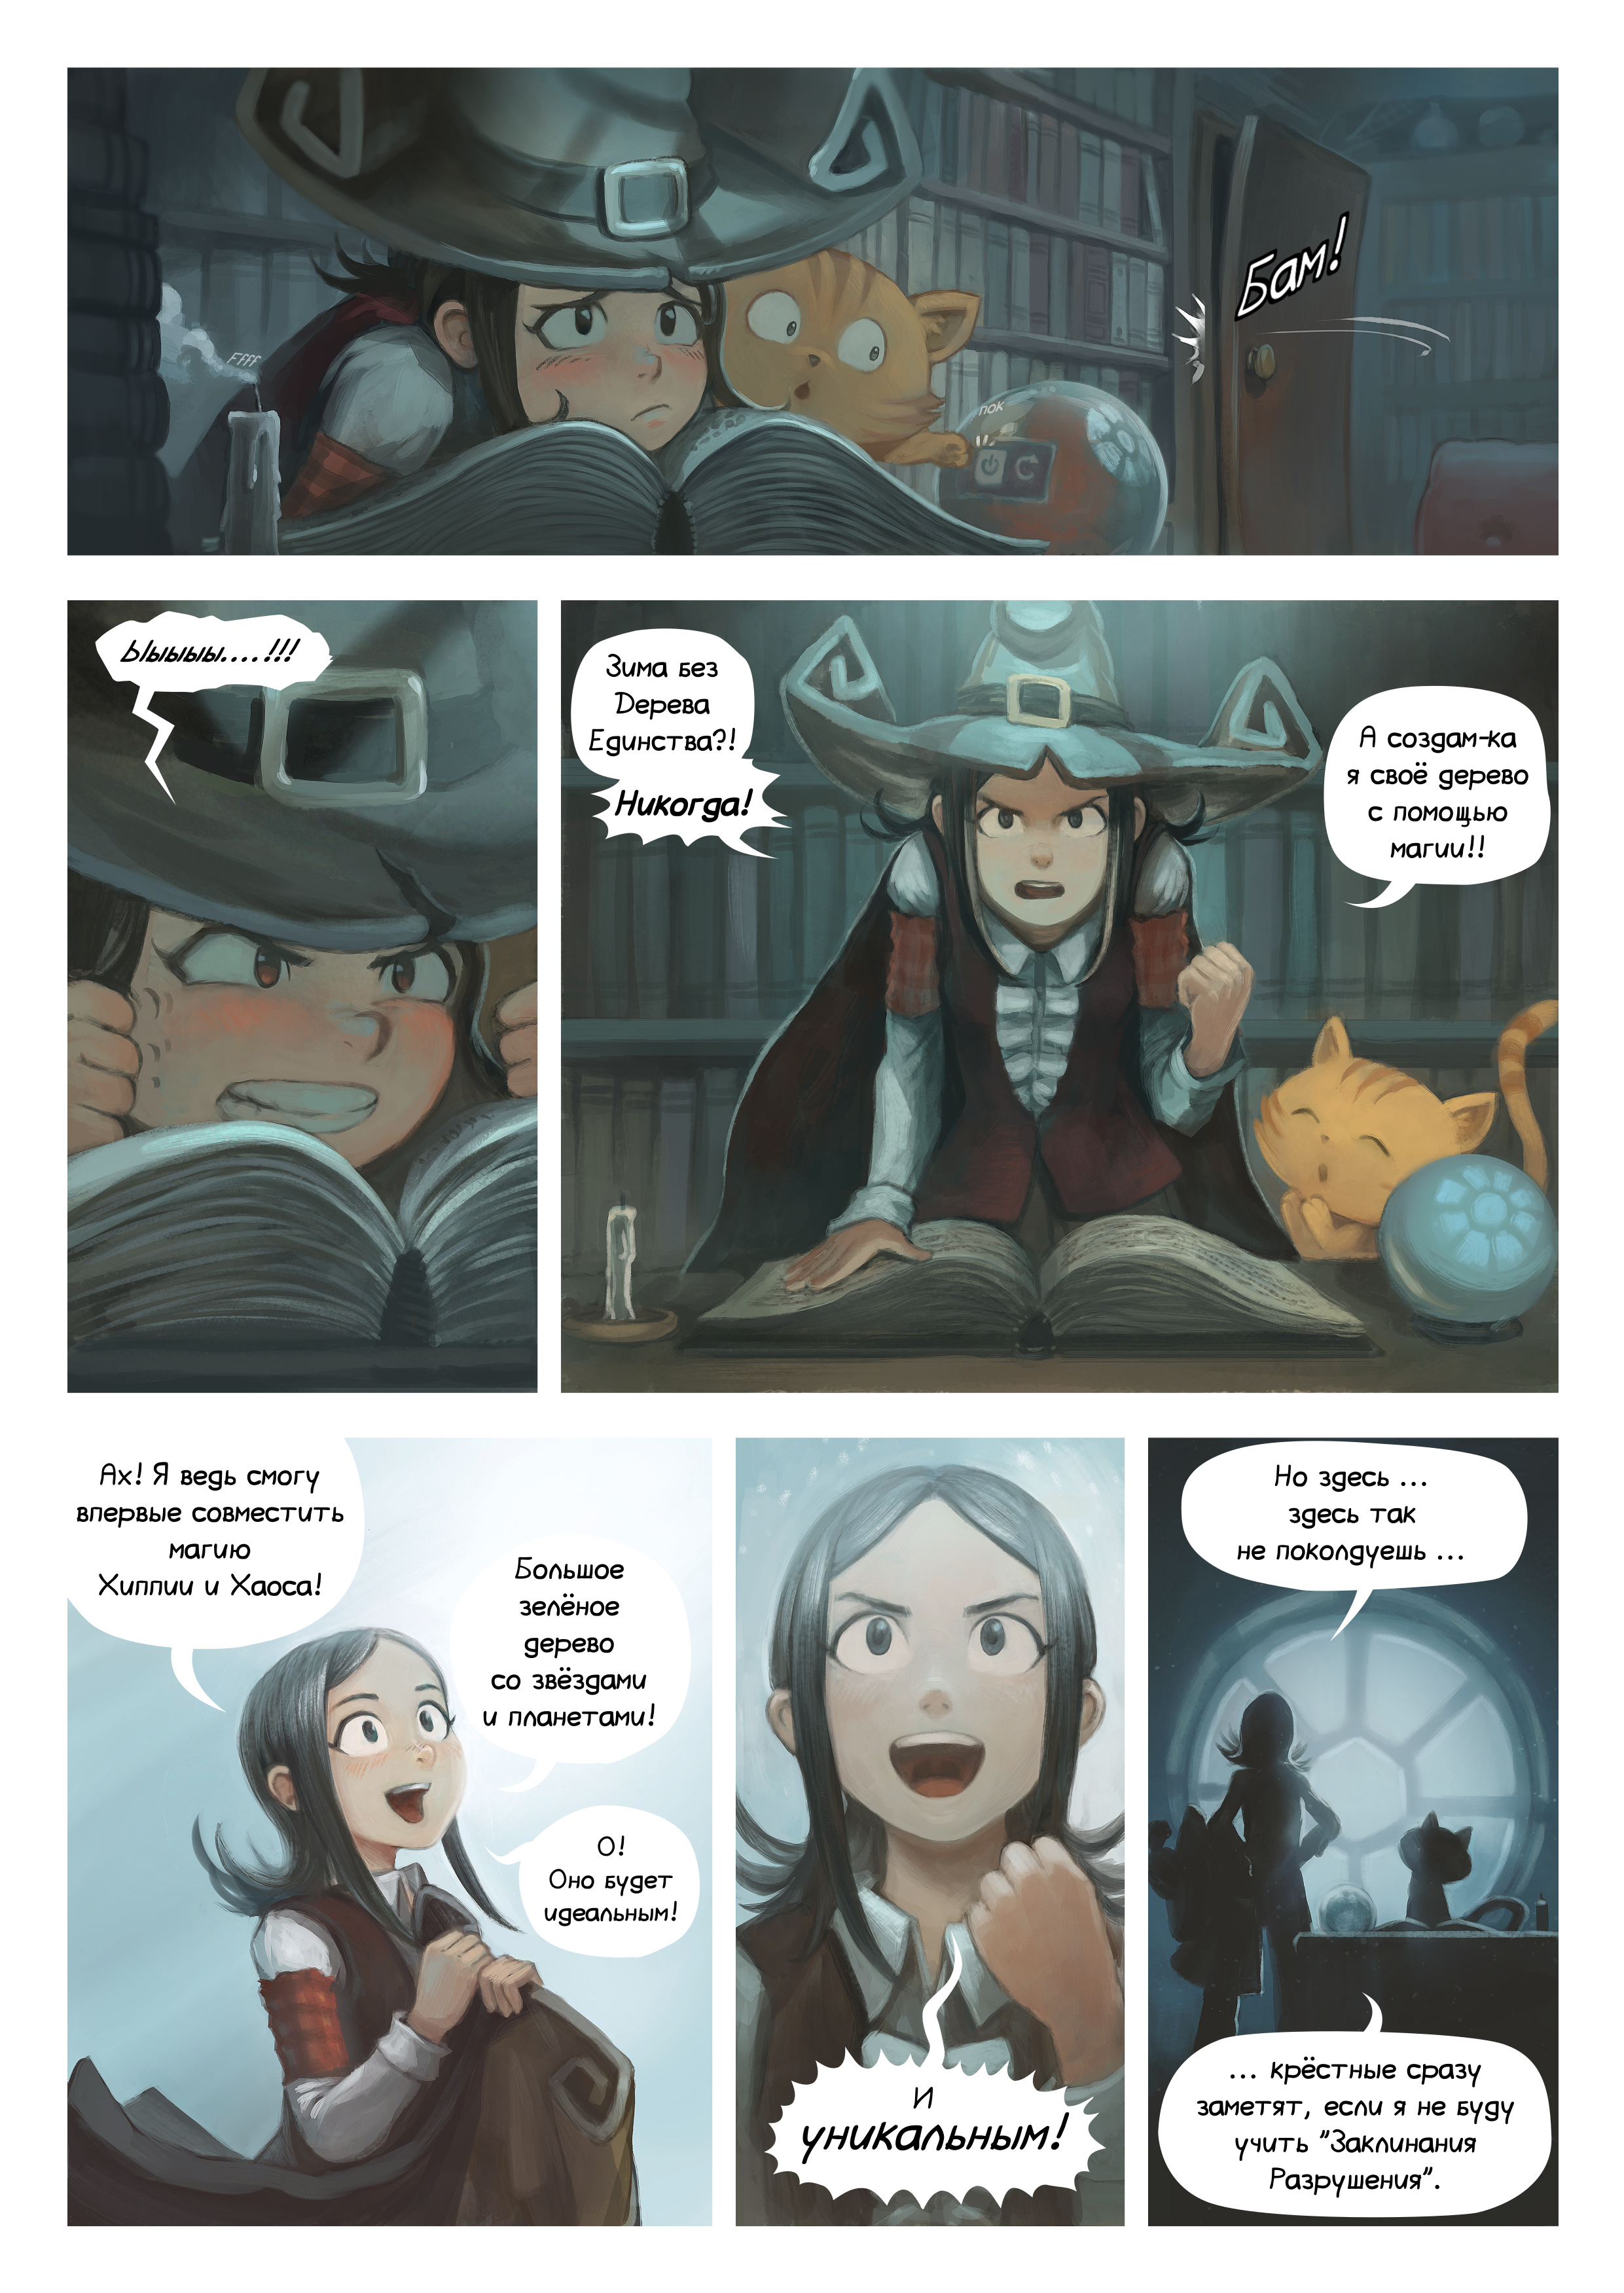 Эпизод 24: Дерево Единства, Page 2